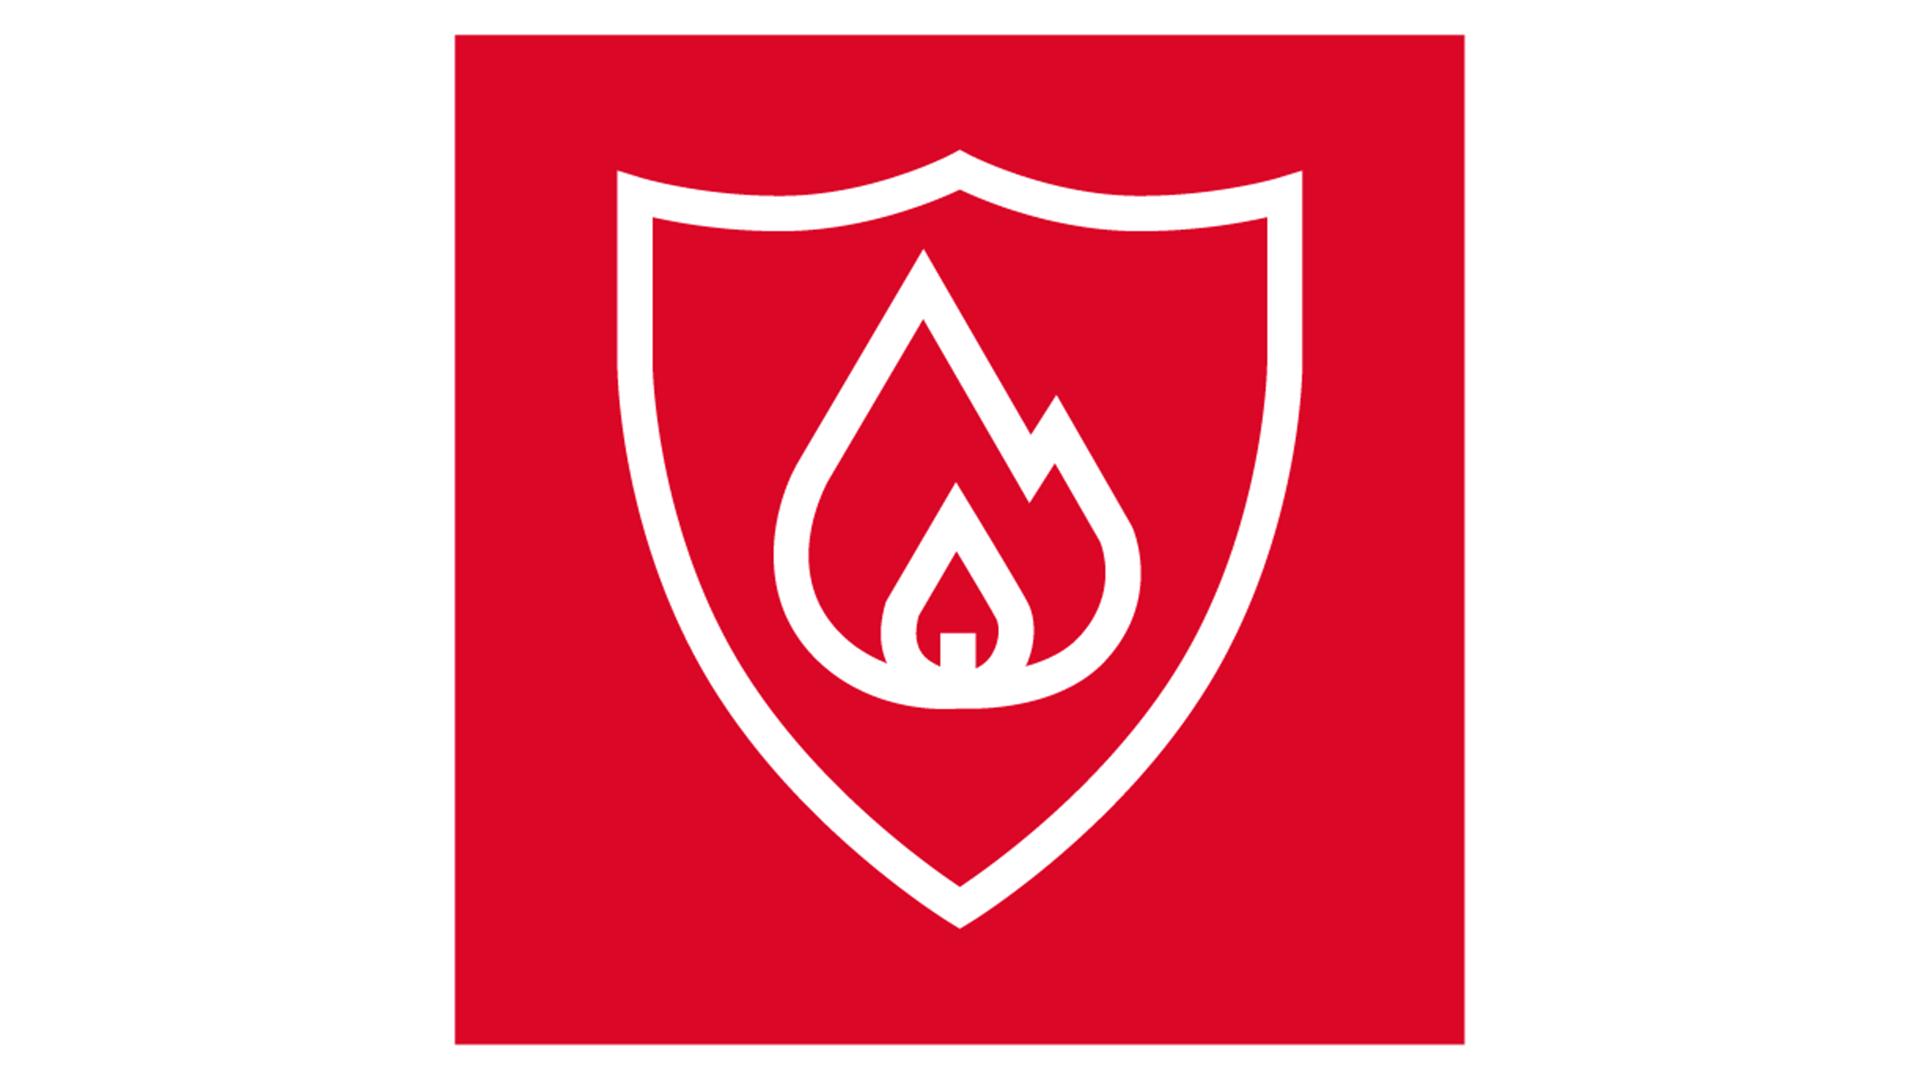 icon, 7 strenghts of stone, white on red background, for website, stärken von steinwolle, weiß auf rot, fire resistance, brandschutz, germany